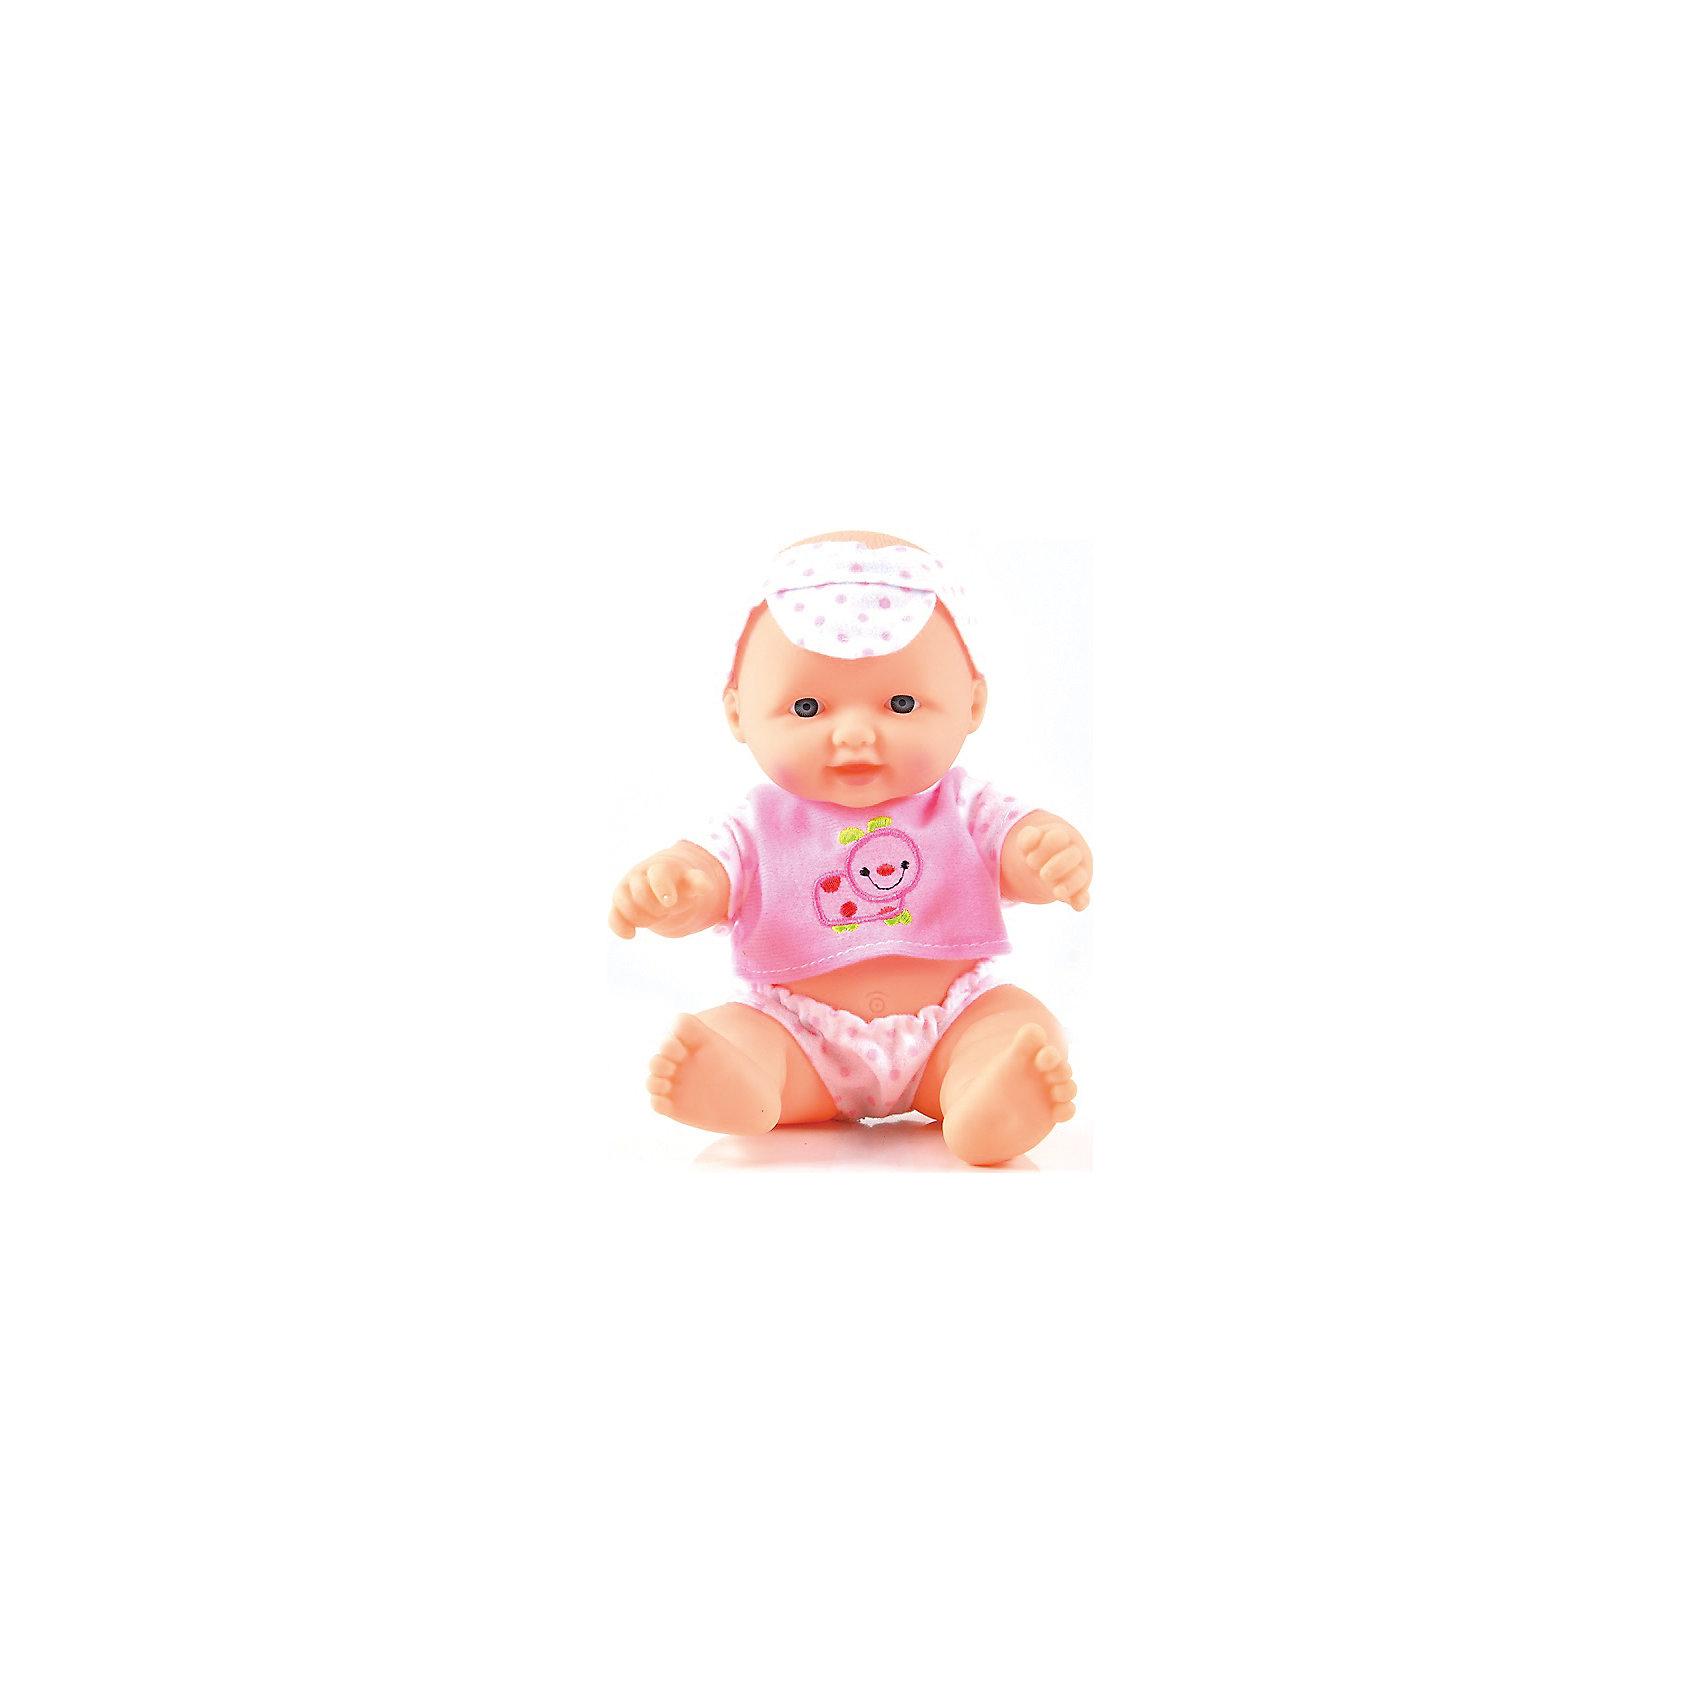 Пупс Маленький сладкоежка, 24 см, DollyToyКуклы-пупсы<br>Характеристики товара:<br><br>• возраст от 3 лет;<br>• материал: пластик, текстиль;<br>• в комплекте: кукла;<br>• высота куклы 24 см;<br>• размер упаковки 20х15,5х11 см;<br>• вес упаковки 330 гр.;<br>• страна производитель: Китай.<br><br>Пупс «Маленький сладкоежка» DollyToy привьет девочке чувство заботы и ответственности. У карапуза добрые темные глазки. Он одет в розовые трусишки и футболочку. С ним девочка может придумывать сюжеты для игры, заботясь о малыше, укладывая его спать.<br><br>Пупса «Маленький сладкоежка» DollyToy можно приобрести в нашем интернет-магазине.<br><br>Ширина мм: 155<br>Глубина мм: 110<br>Высота мм: 200<br>Вес г: 330<br>Возраст от месяцев: 36<br>Возраст до месяцев: 72<br>Пол: Женский<br>Возраст: Детский<br>SKU: 5581287